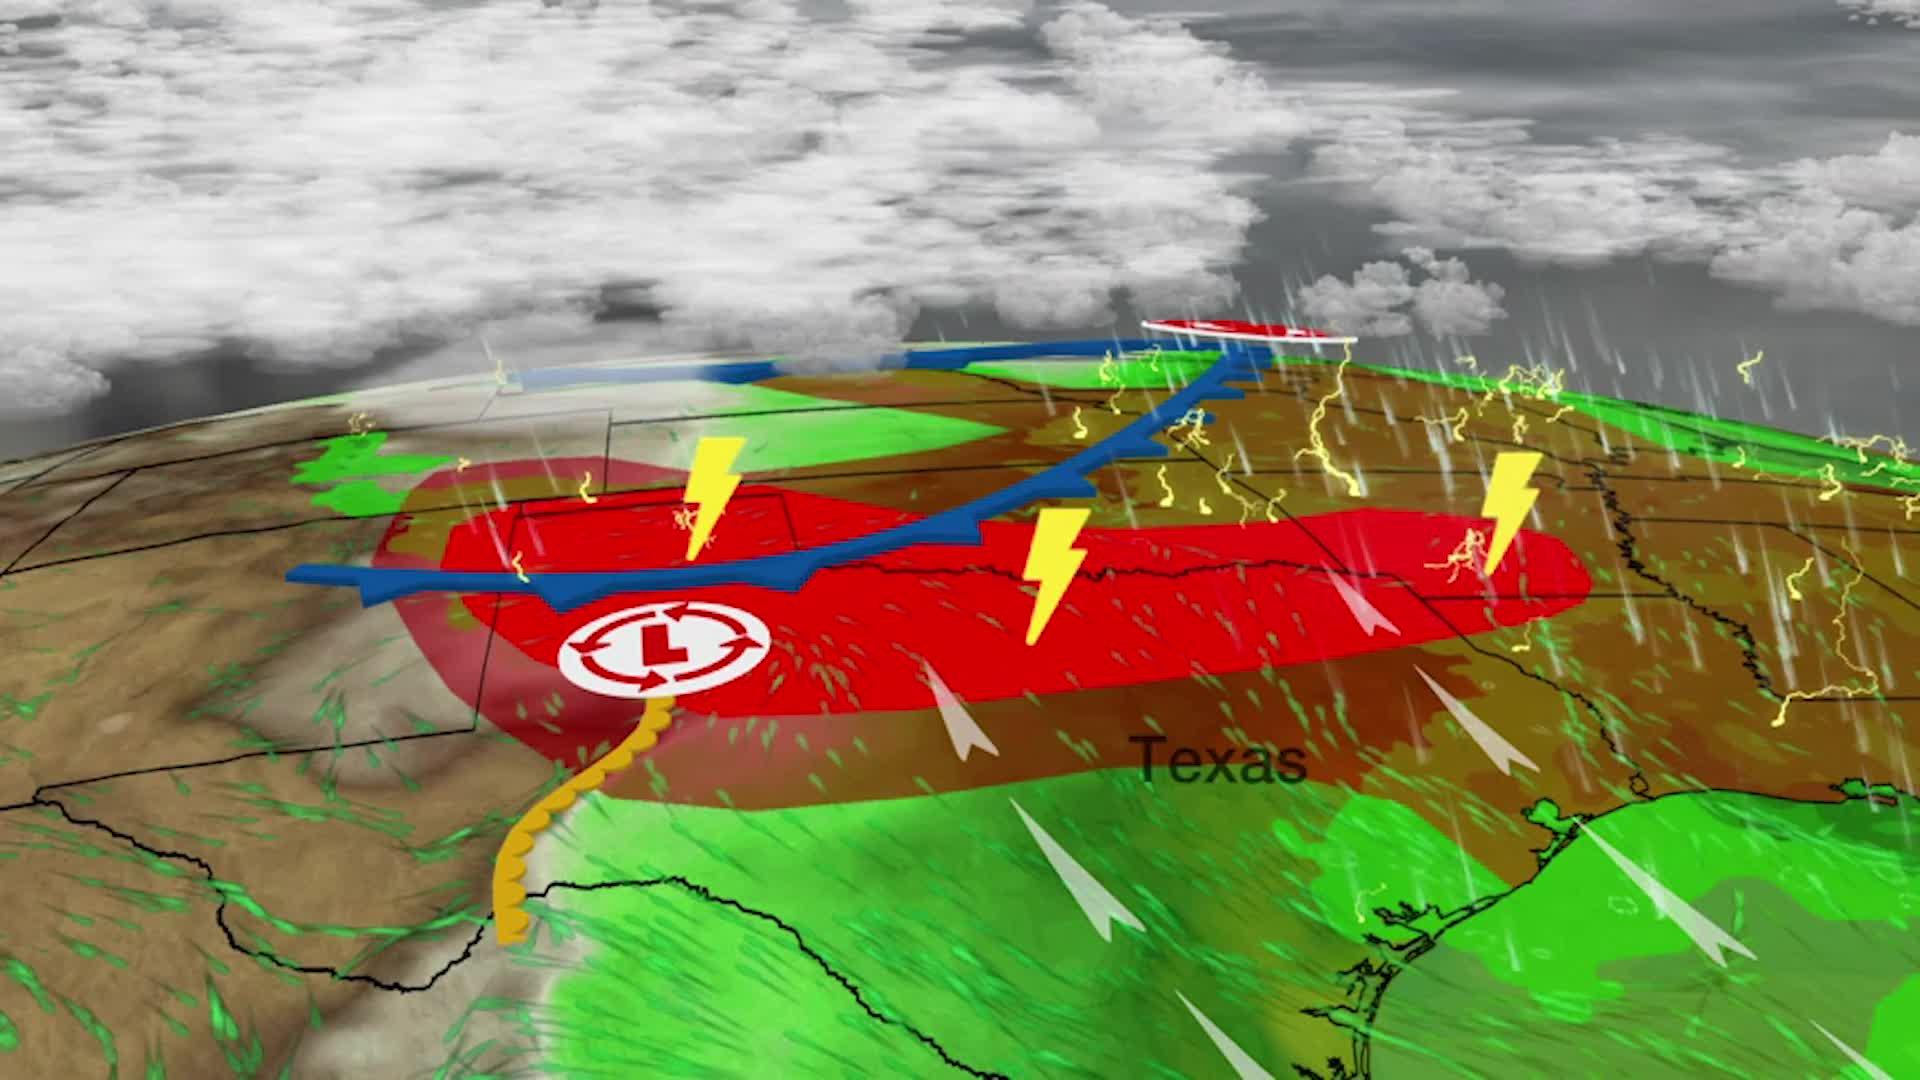 Tormentas severas podrían golpear las llanuras del sur